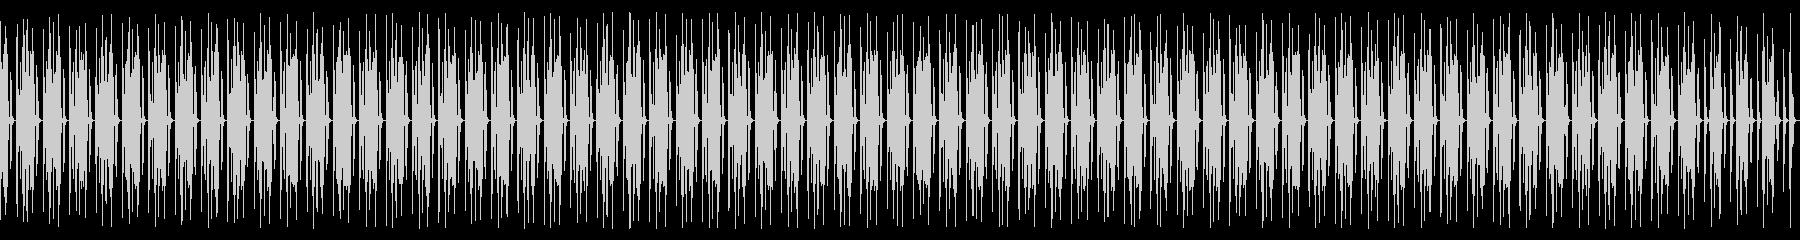 なかよくパズル ポップ 木琴 コミカルの未再生の波形